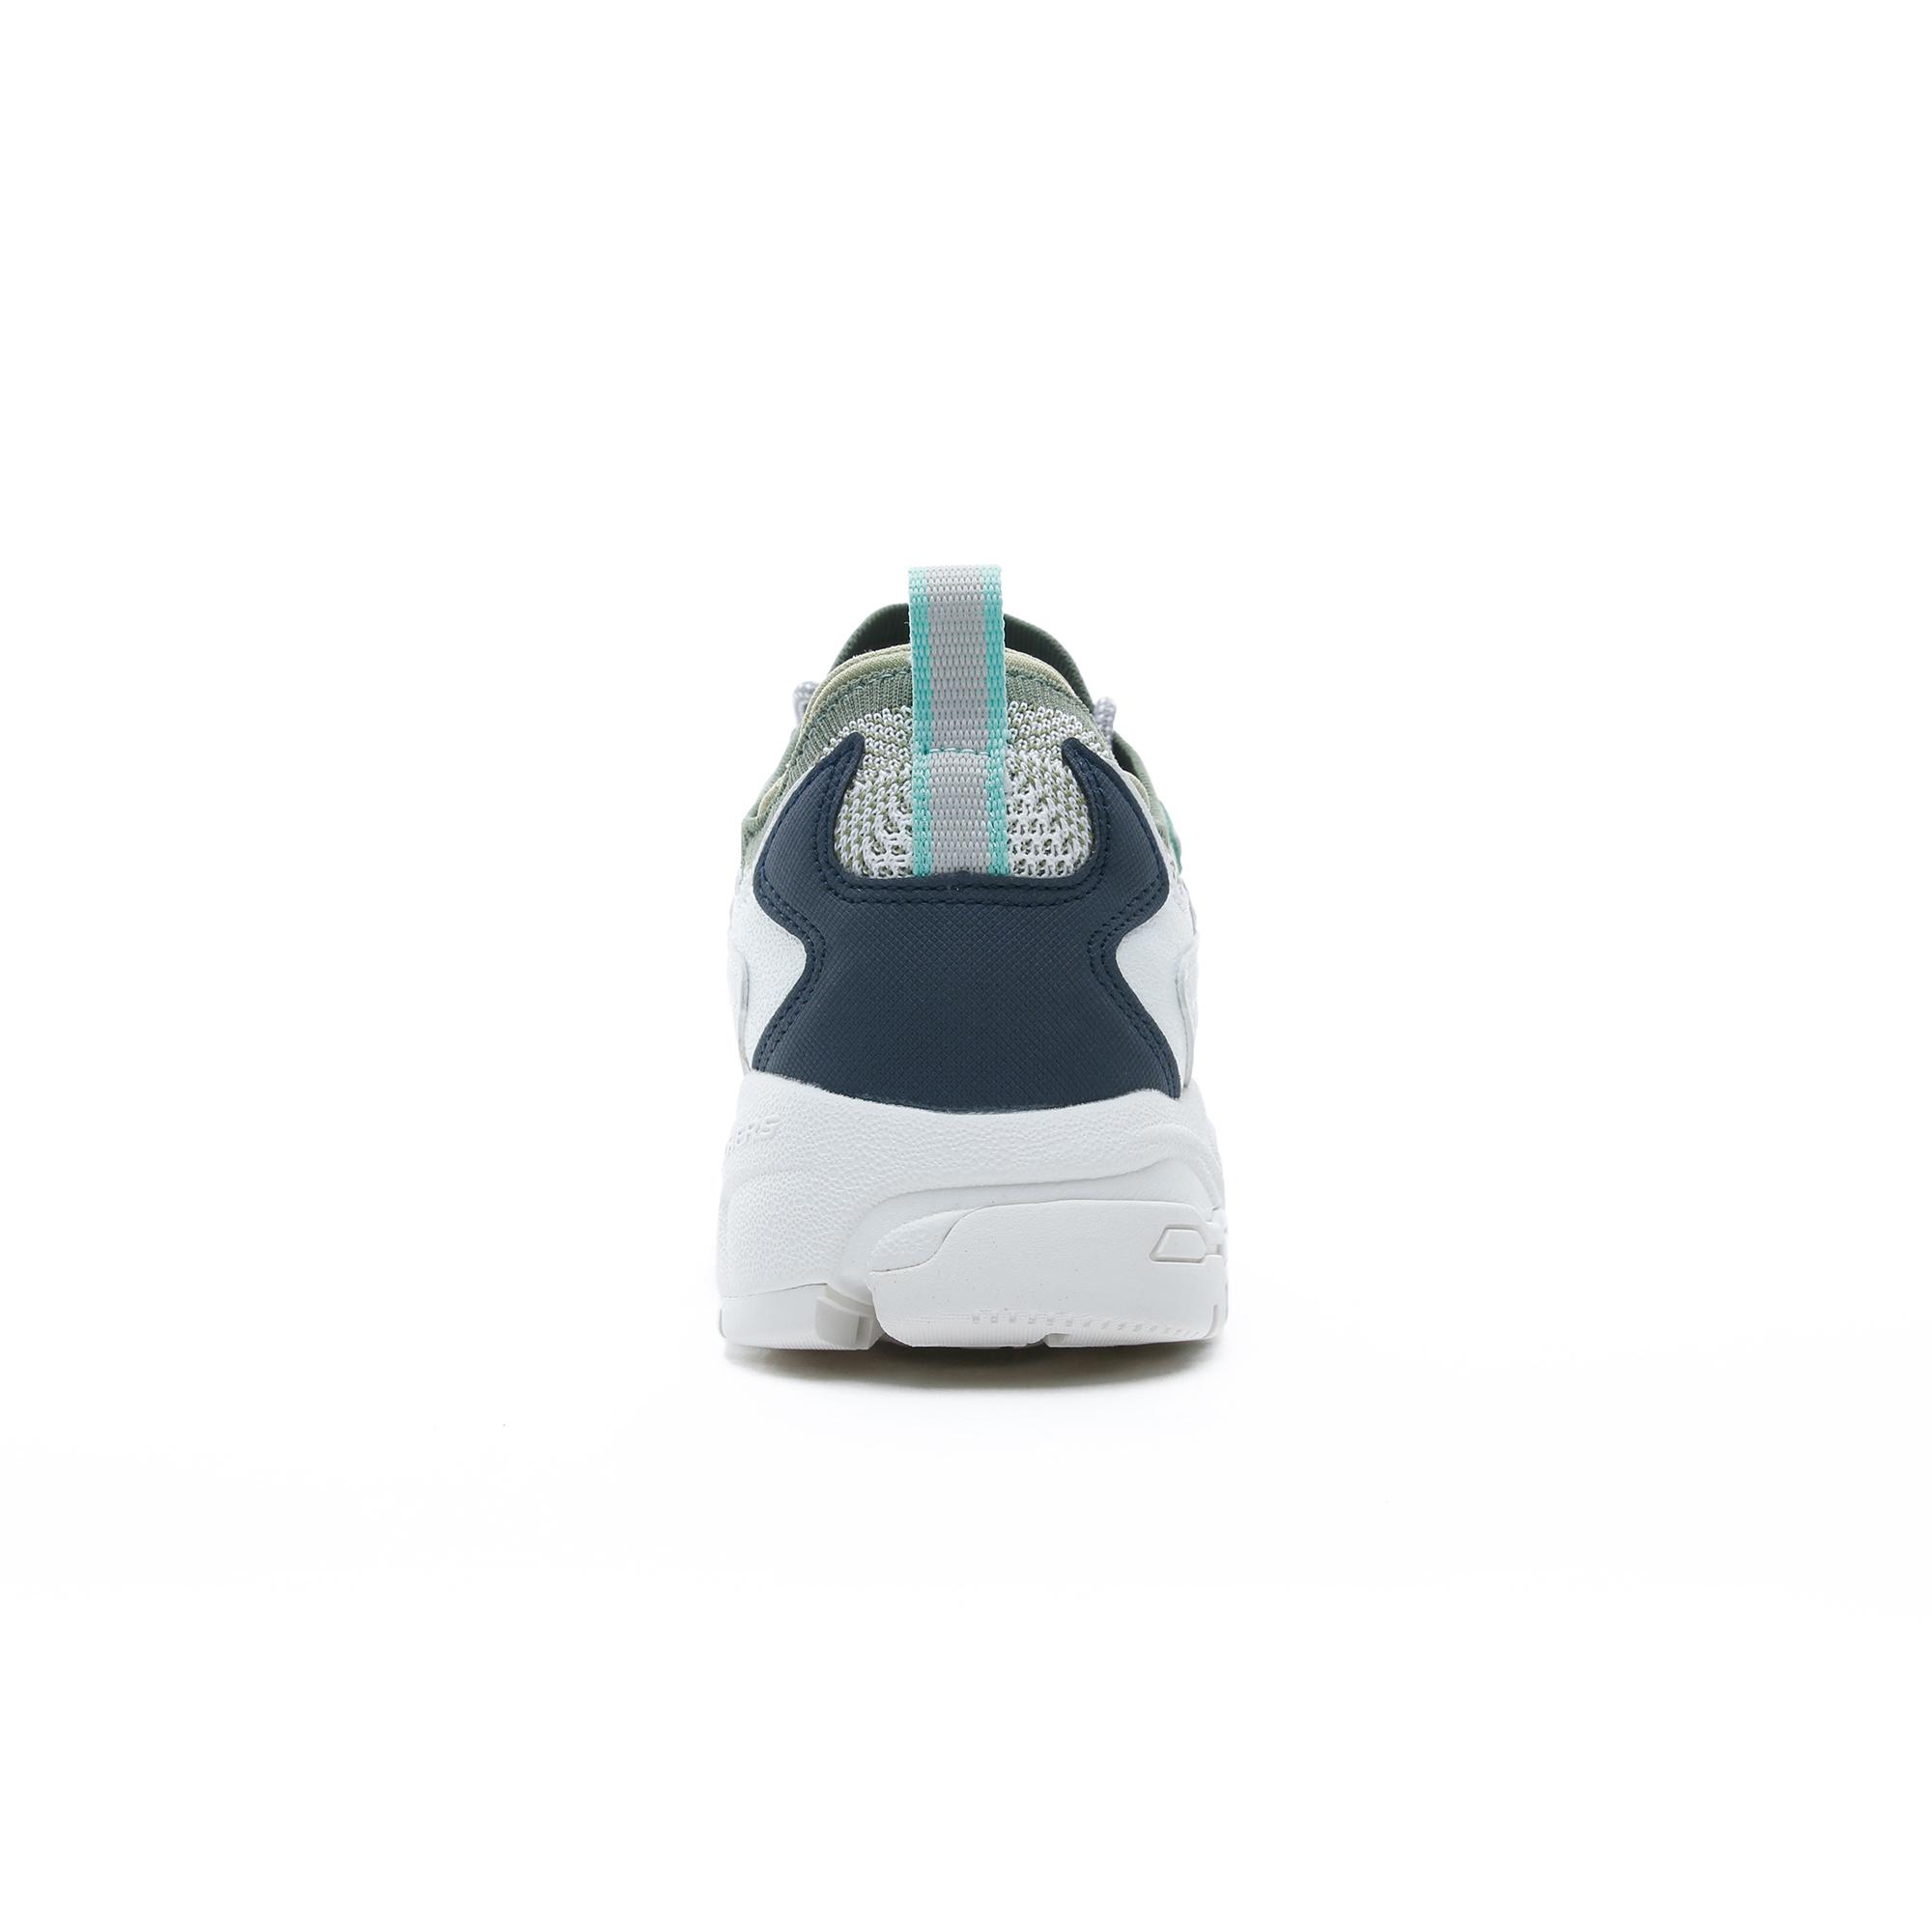 Skechers Stamina 2.0- Berendo Erkek Yeşil Spor Ayakkabı